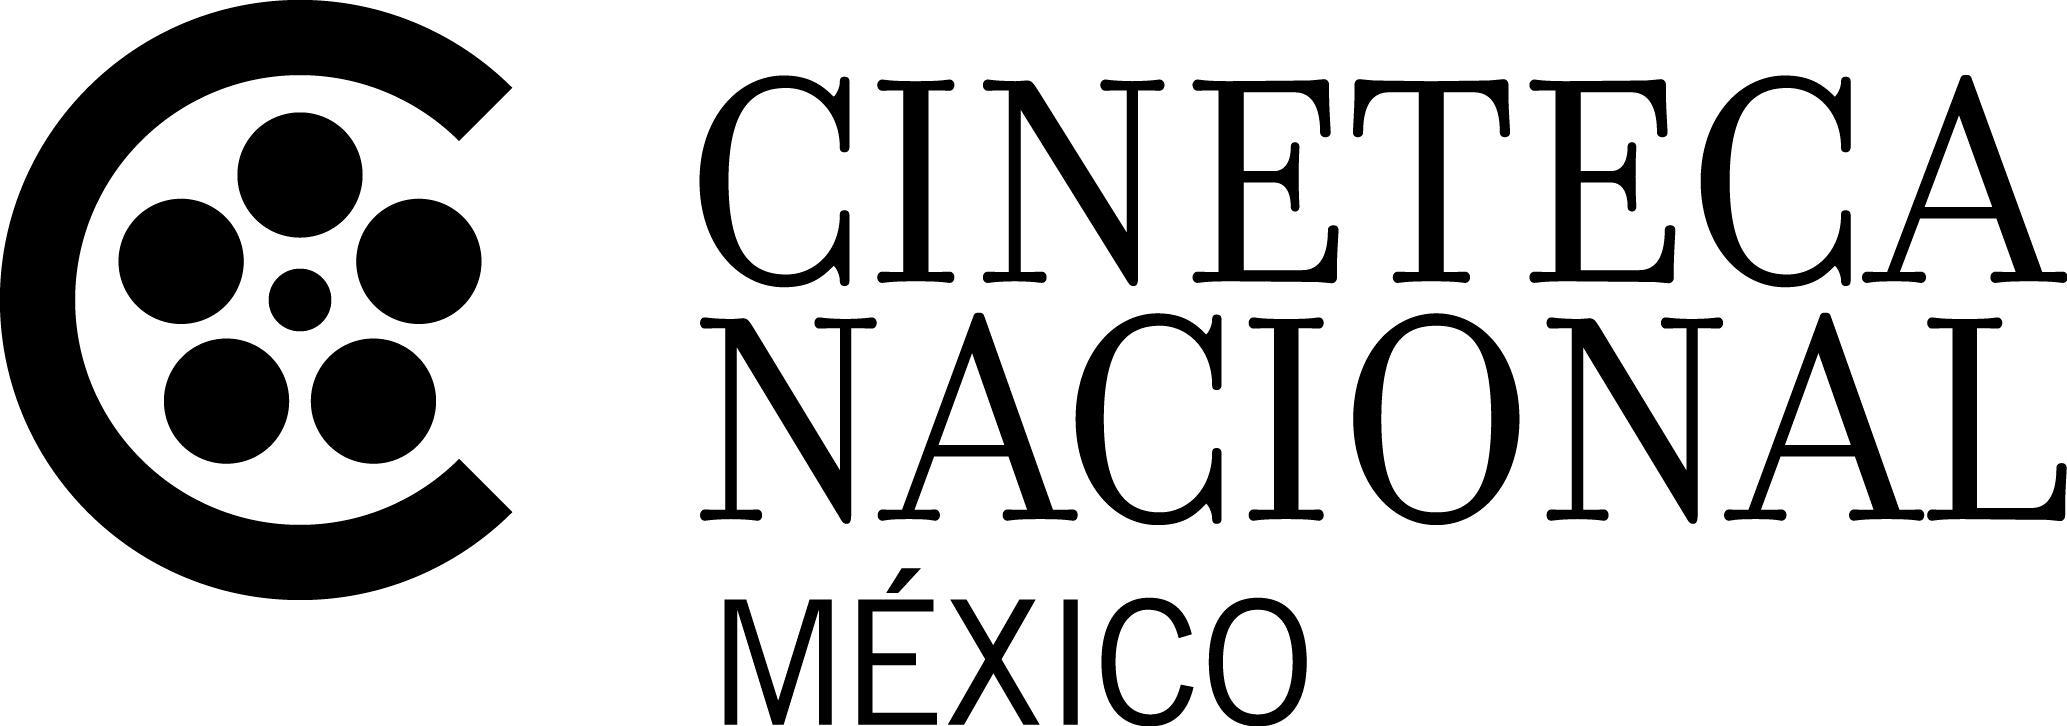 CINETECA NACIONAL LOGO NUEVO.png